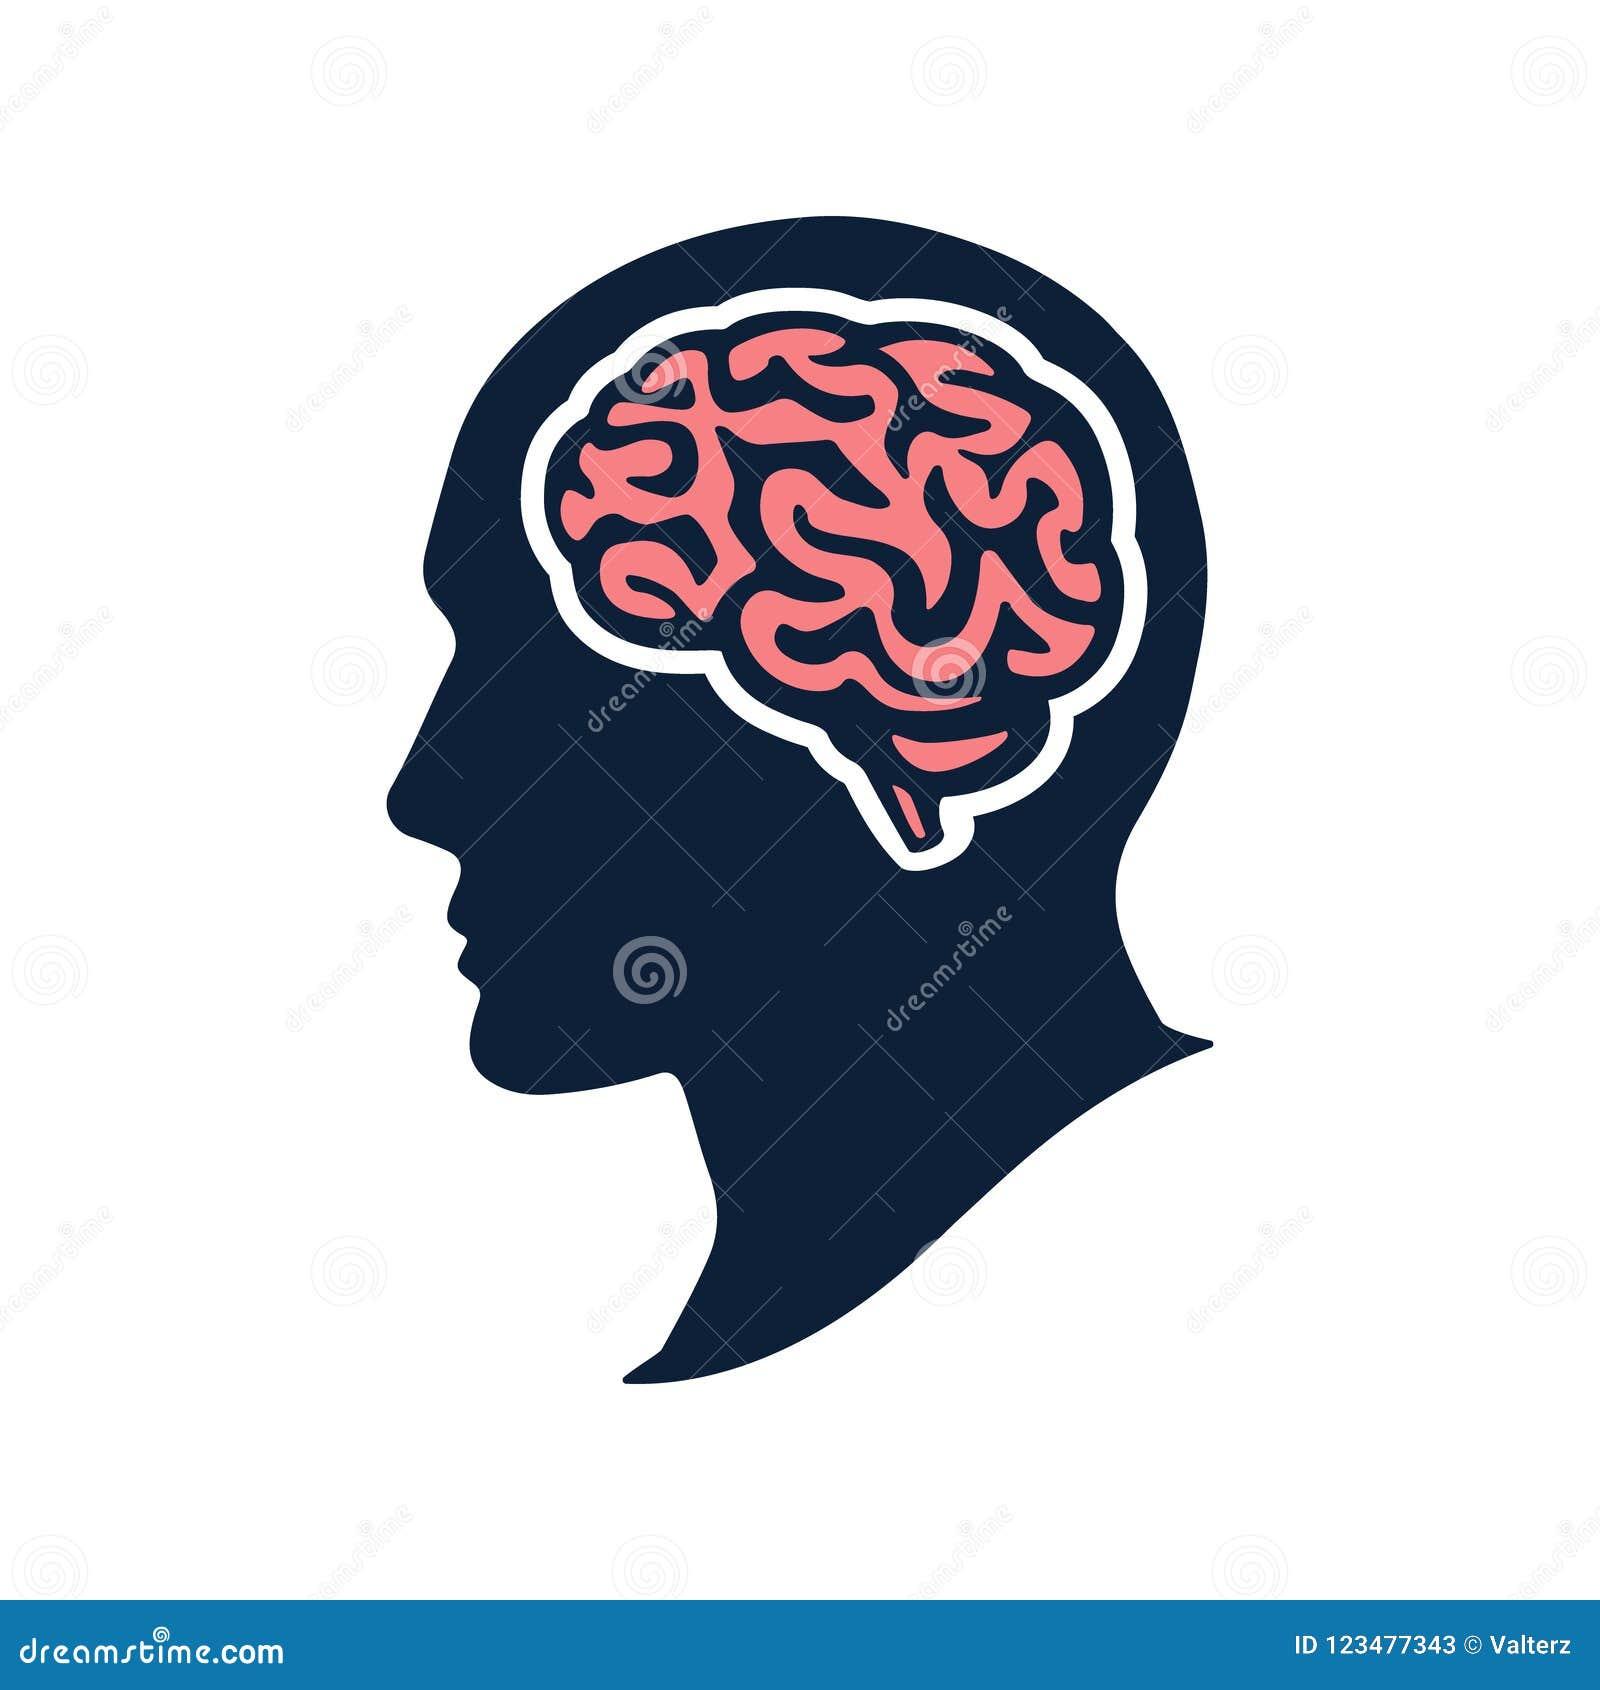 Profili la testa con il illustation piano di vettore del cervello isolata su bianco